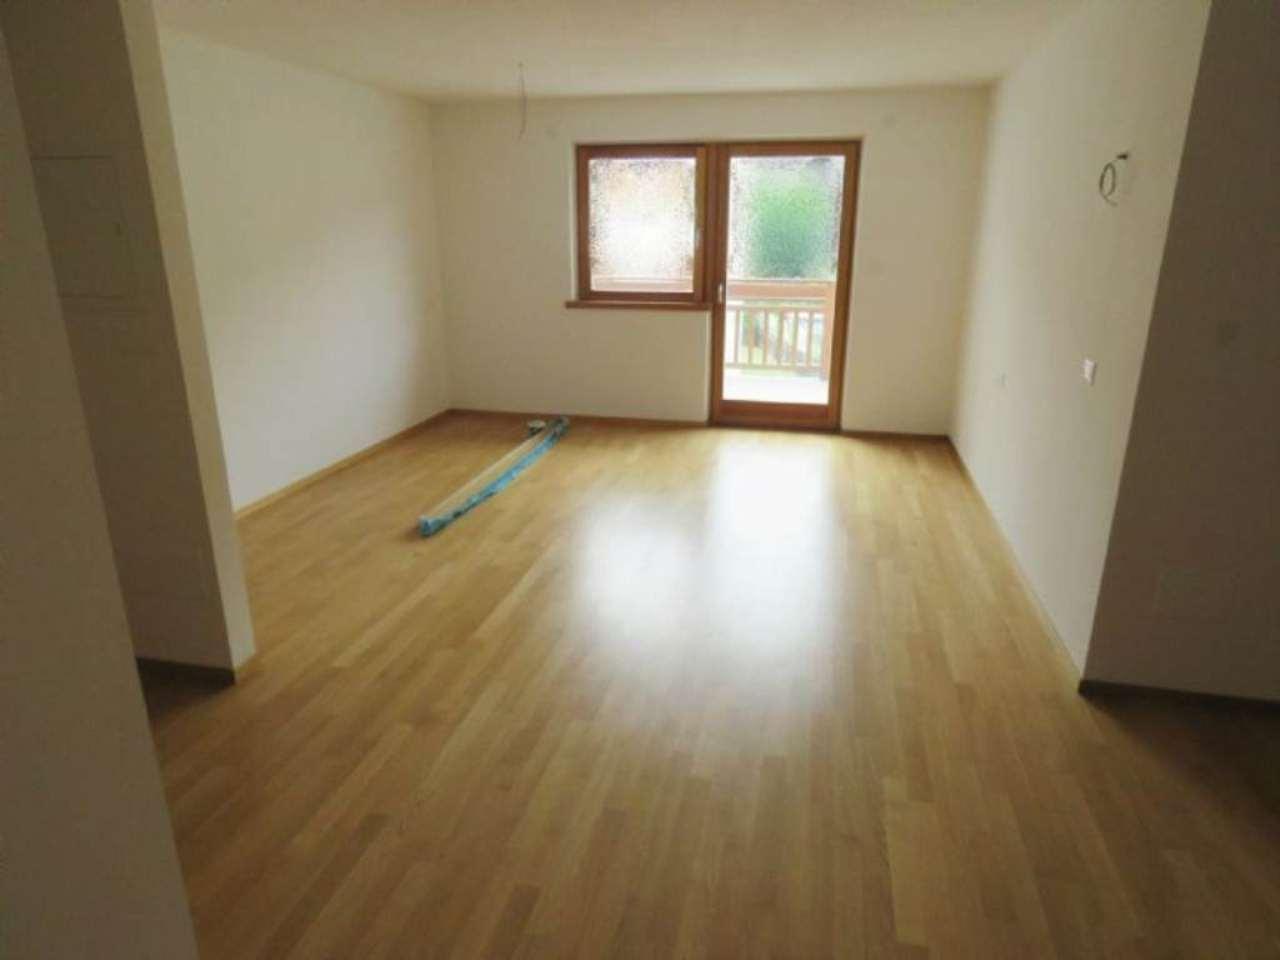 Appartamento in vendita a Villabassa, 2 locali, prezzo € 232.500 | Cambio Casa.it